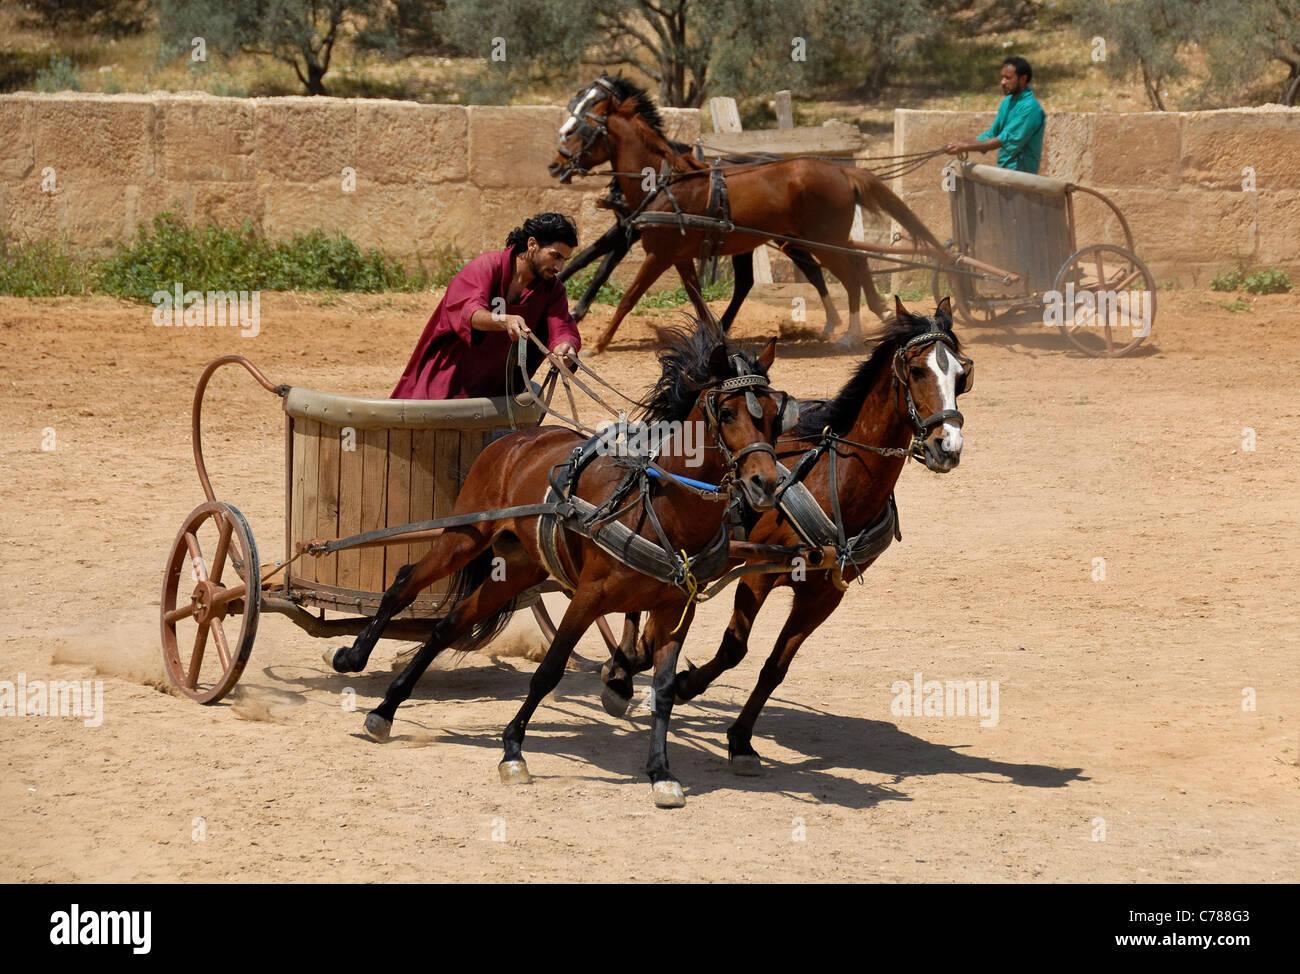 Gara delle bighe nel circus in rovine romane di Jerash in Giordania. Immagini Stock